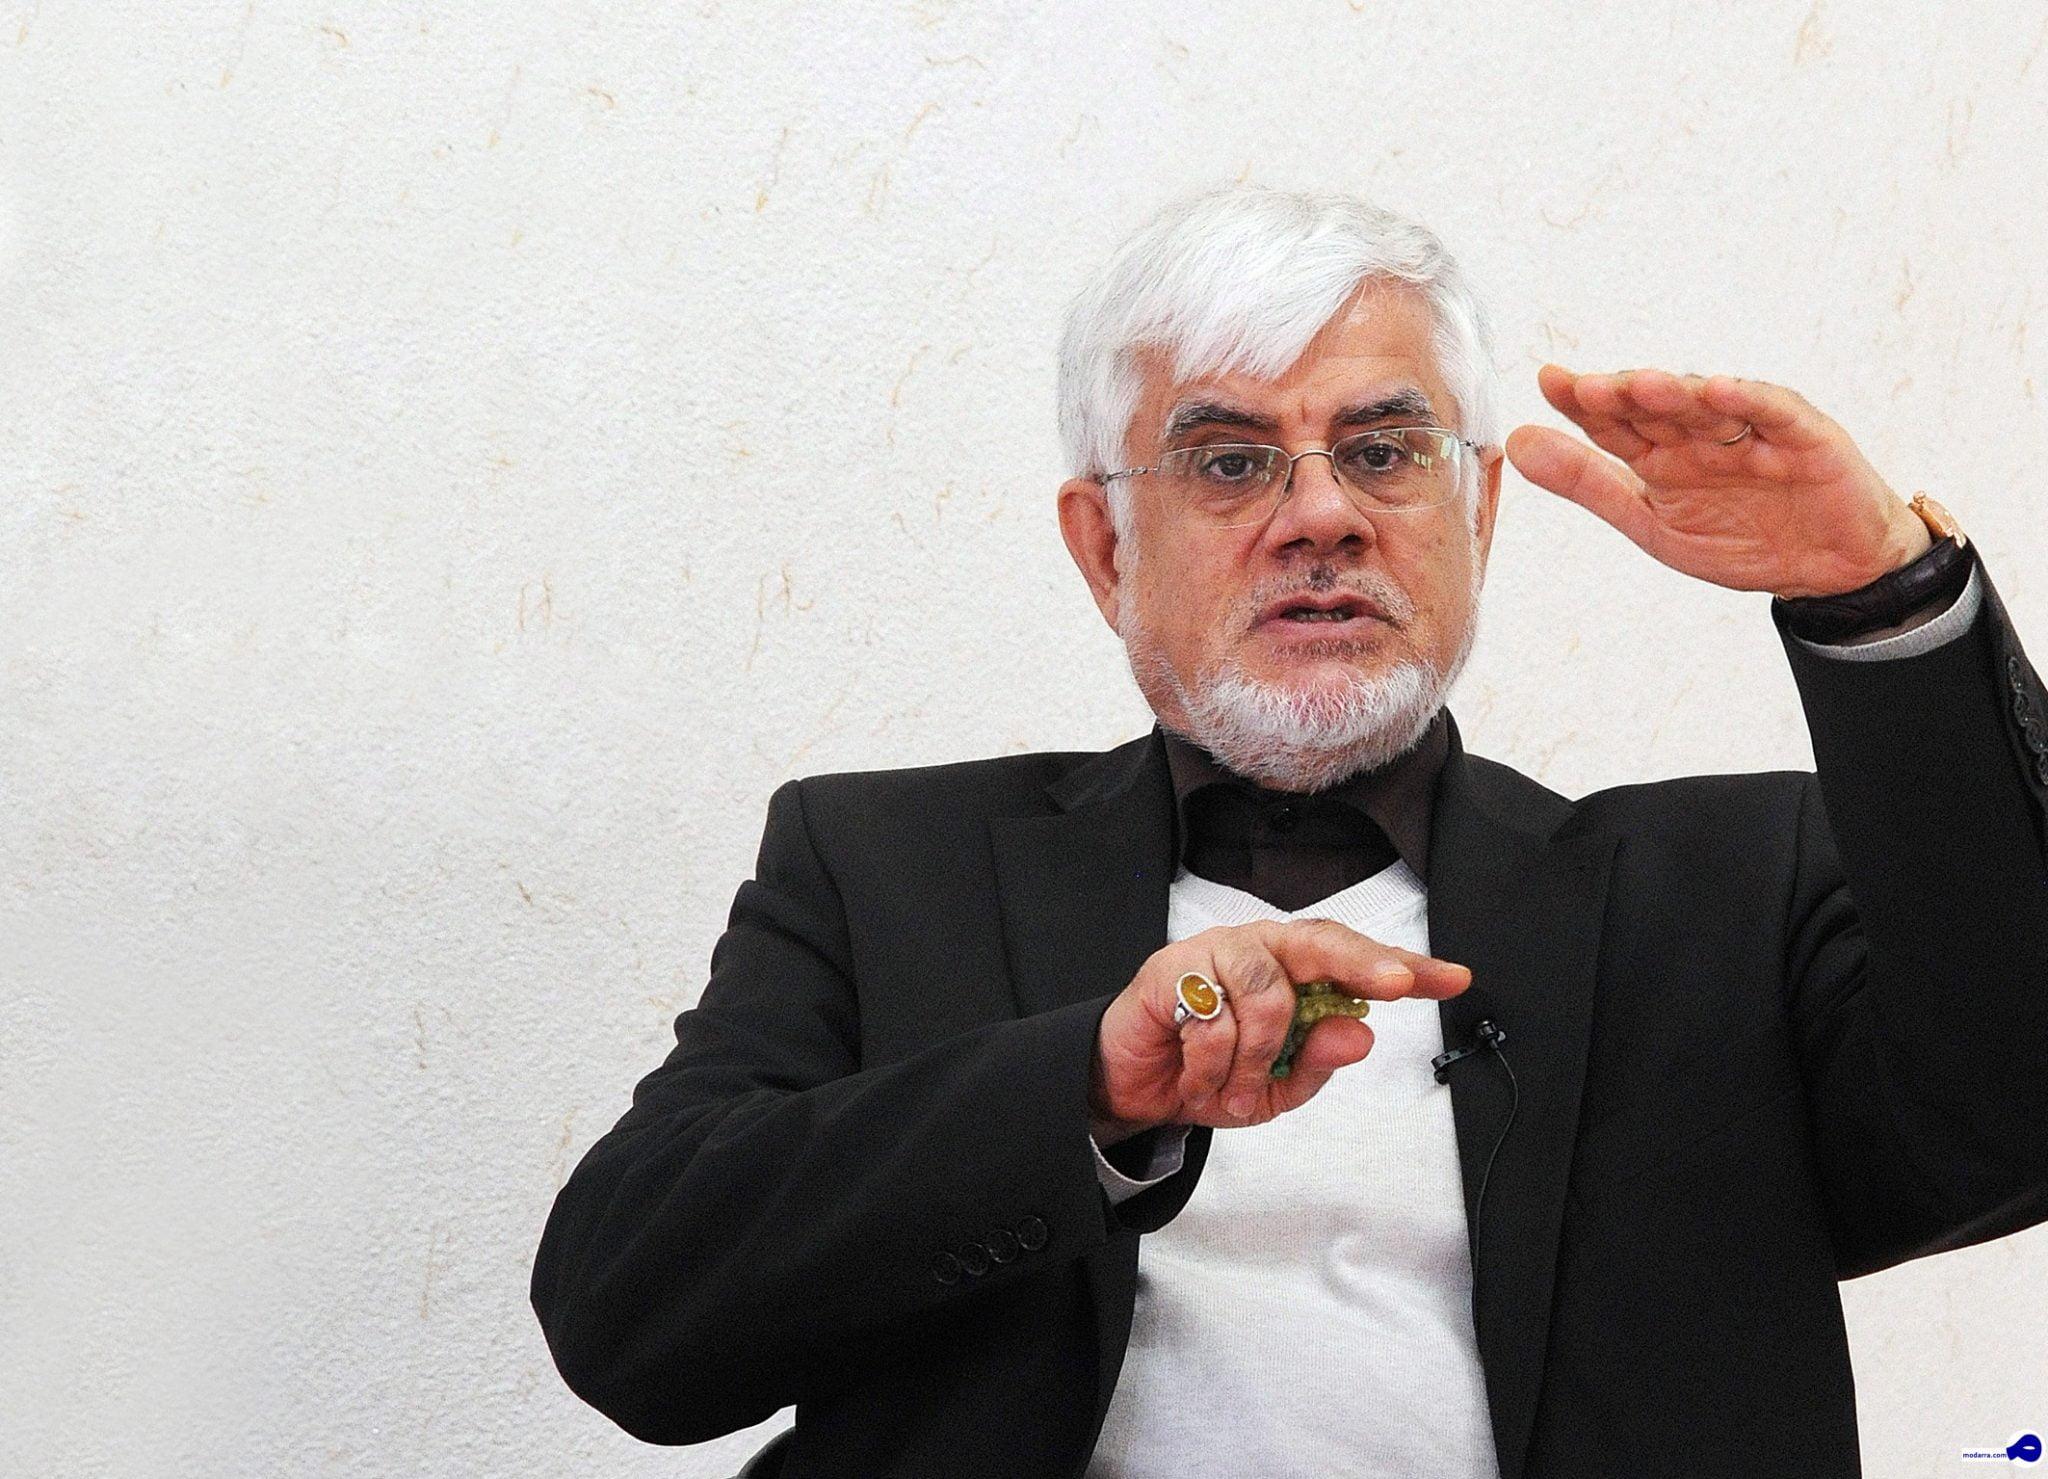 احتمال حضور عارف در انتخابات قوت گرفت